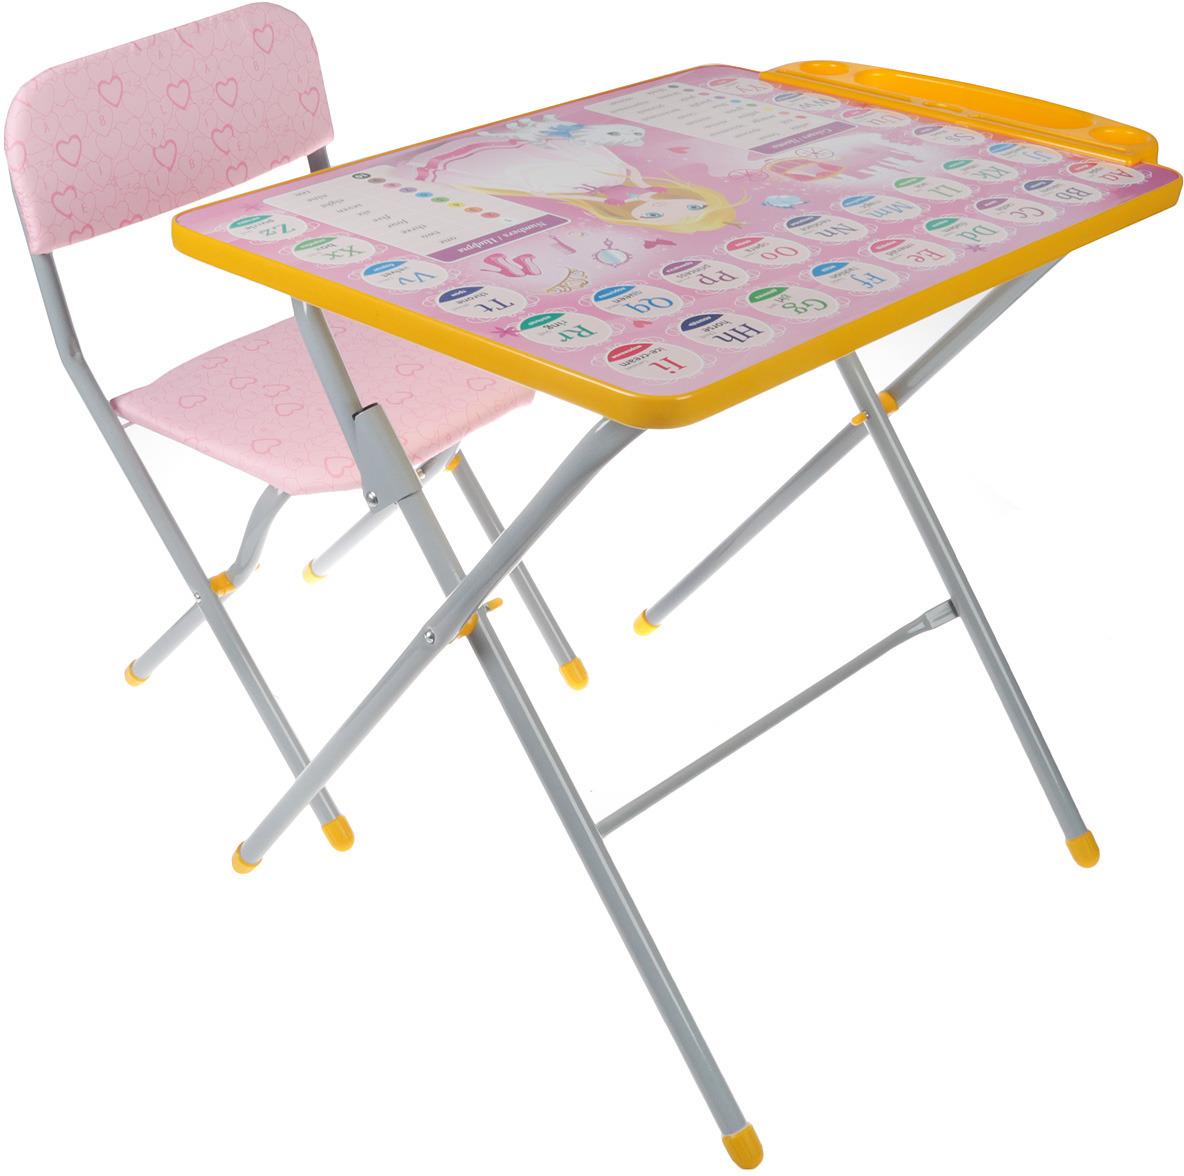 Фея Набор детской мебели Досуг Принцесса фея набор детской мебели досуг динозаврики